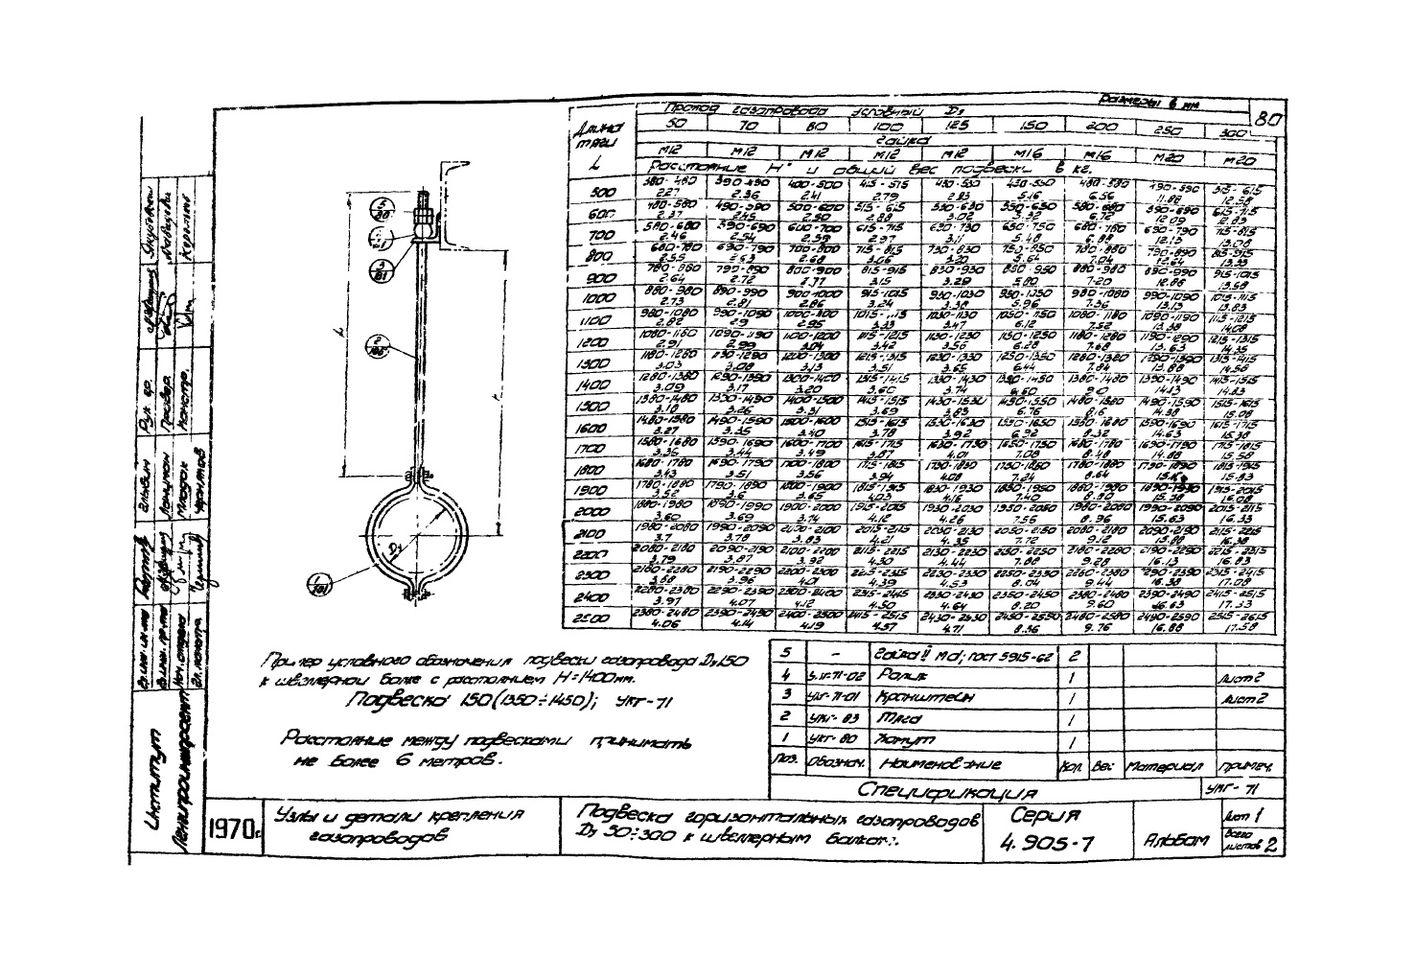 Подвеска горизонтальных газопроводов Ду50-300 к швеллерным балкам УКГ-71 серия 4.905-7